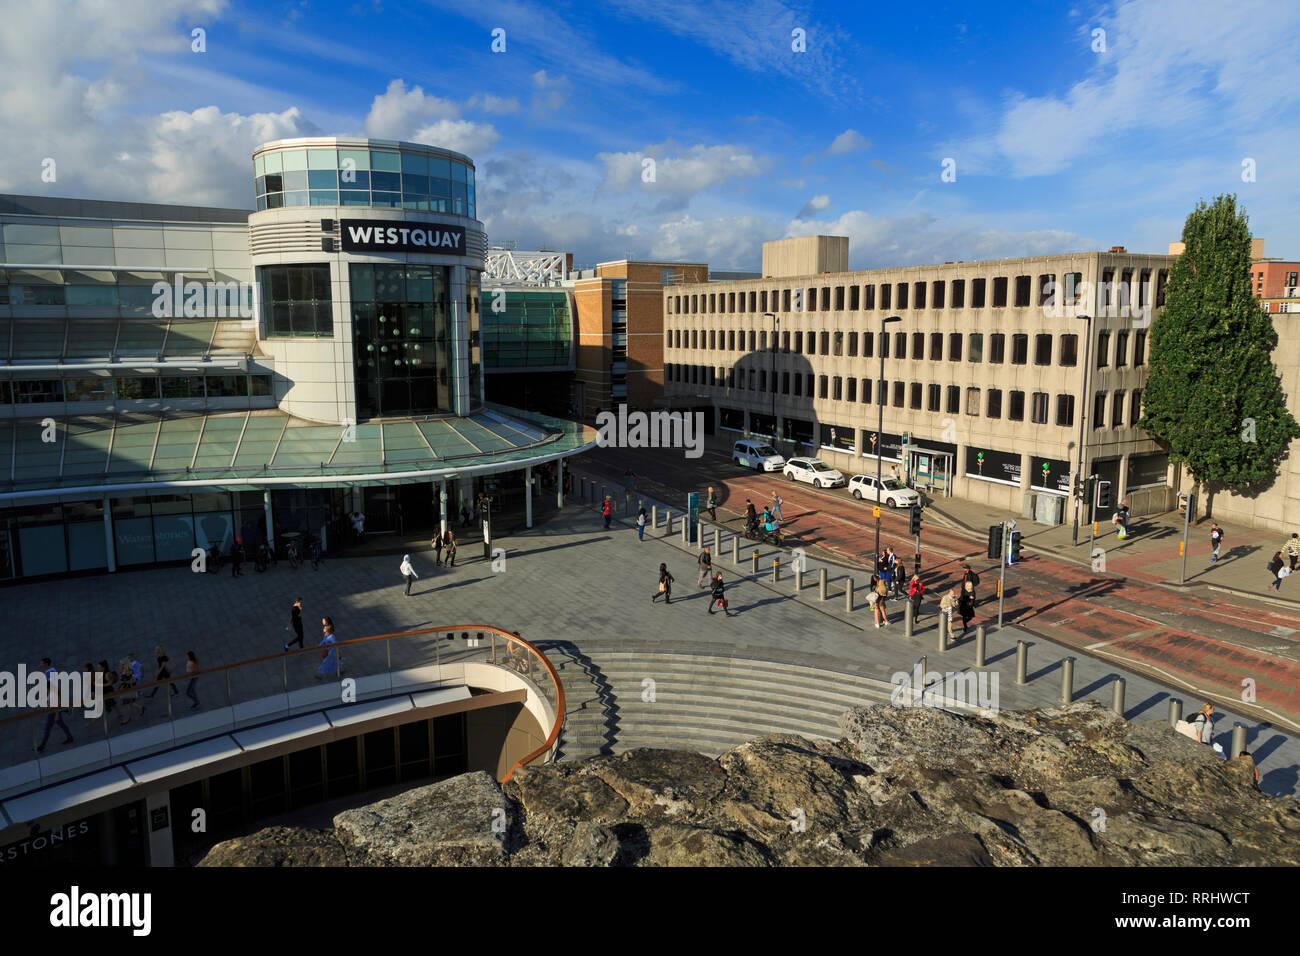 Westquay Shopping Mall, Southampton, Hampshire, England, United Kingdom, Europe - Stock Image